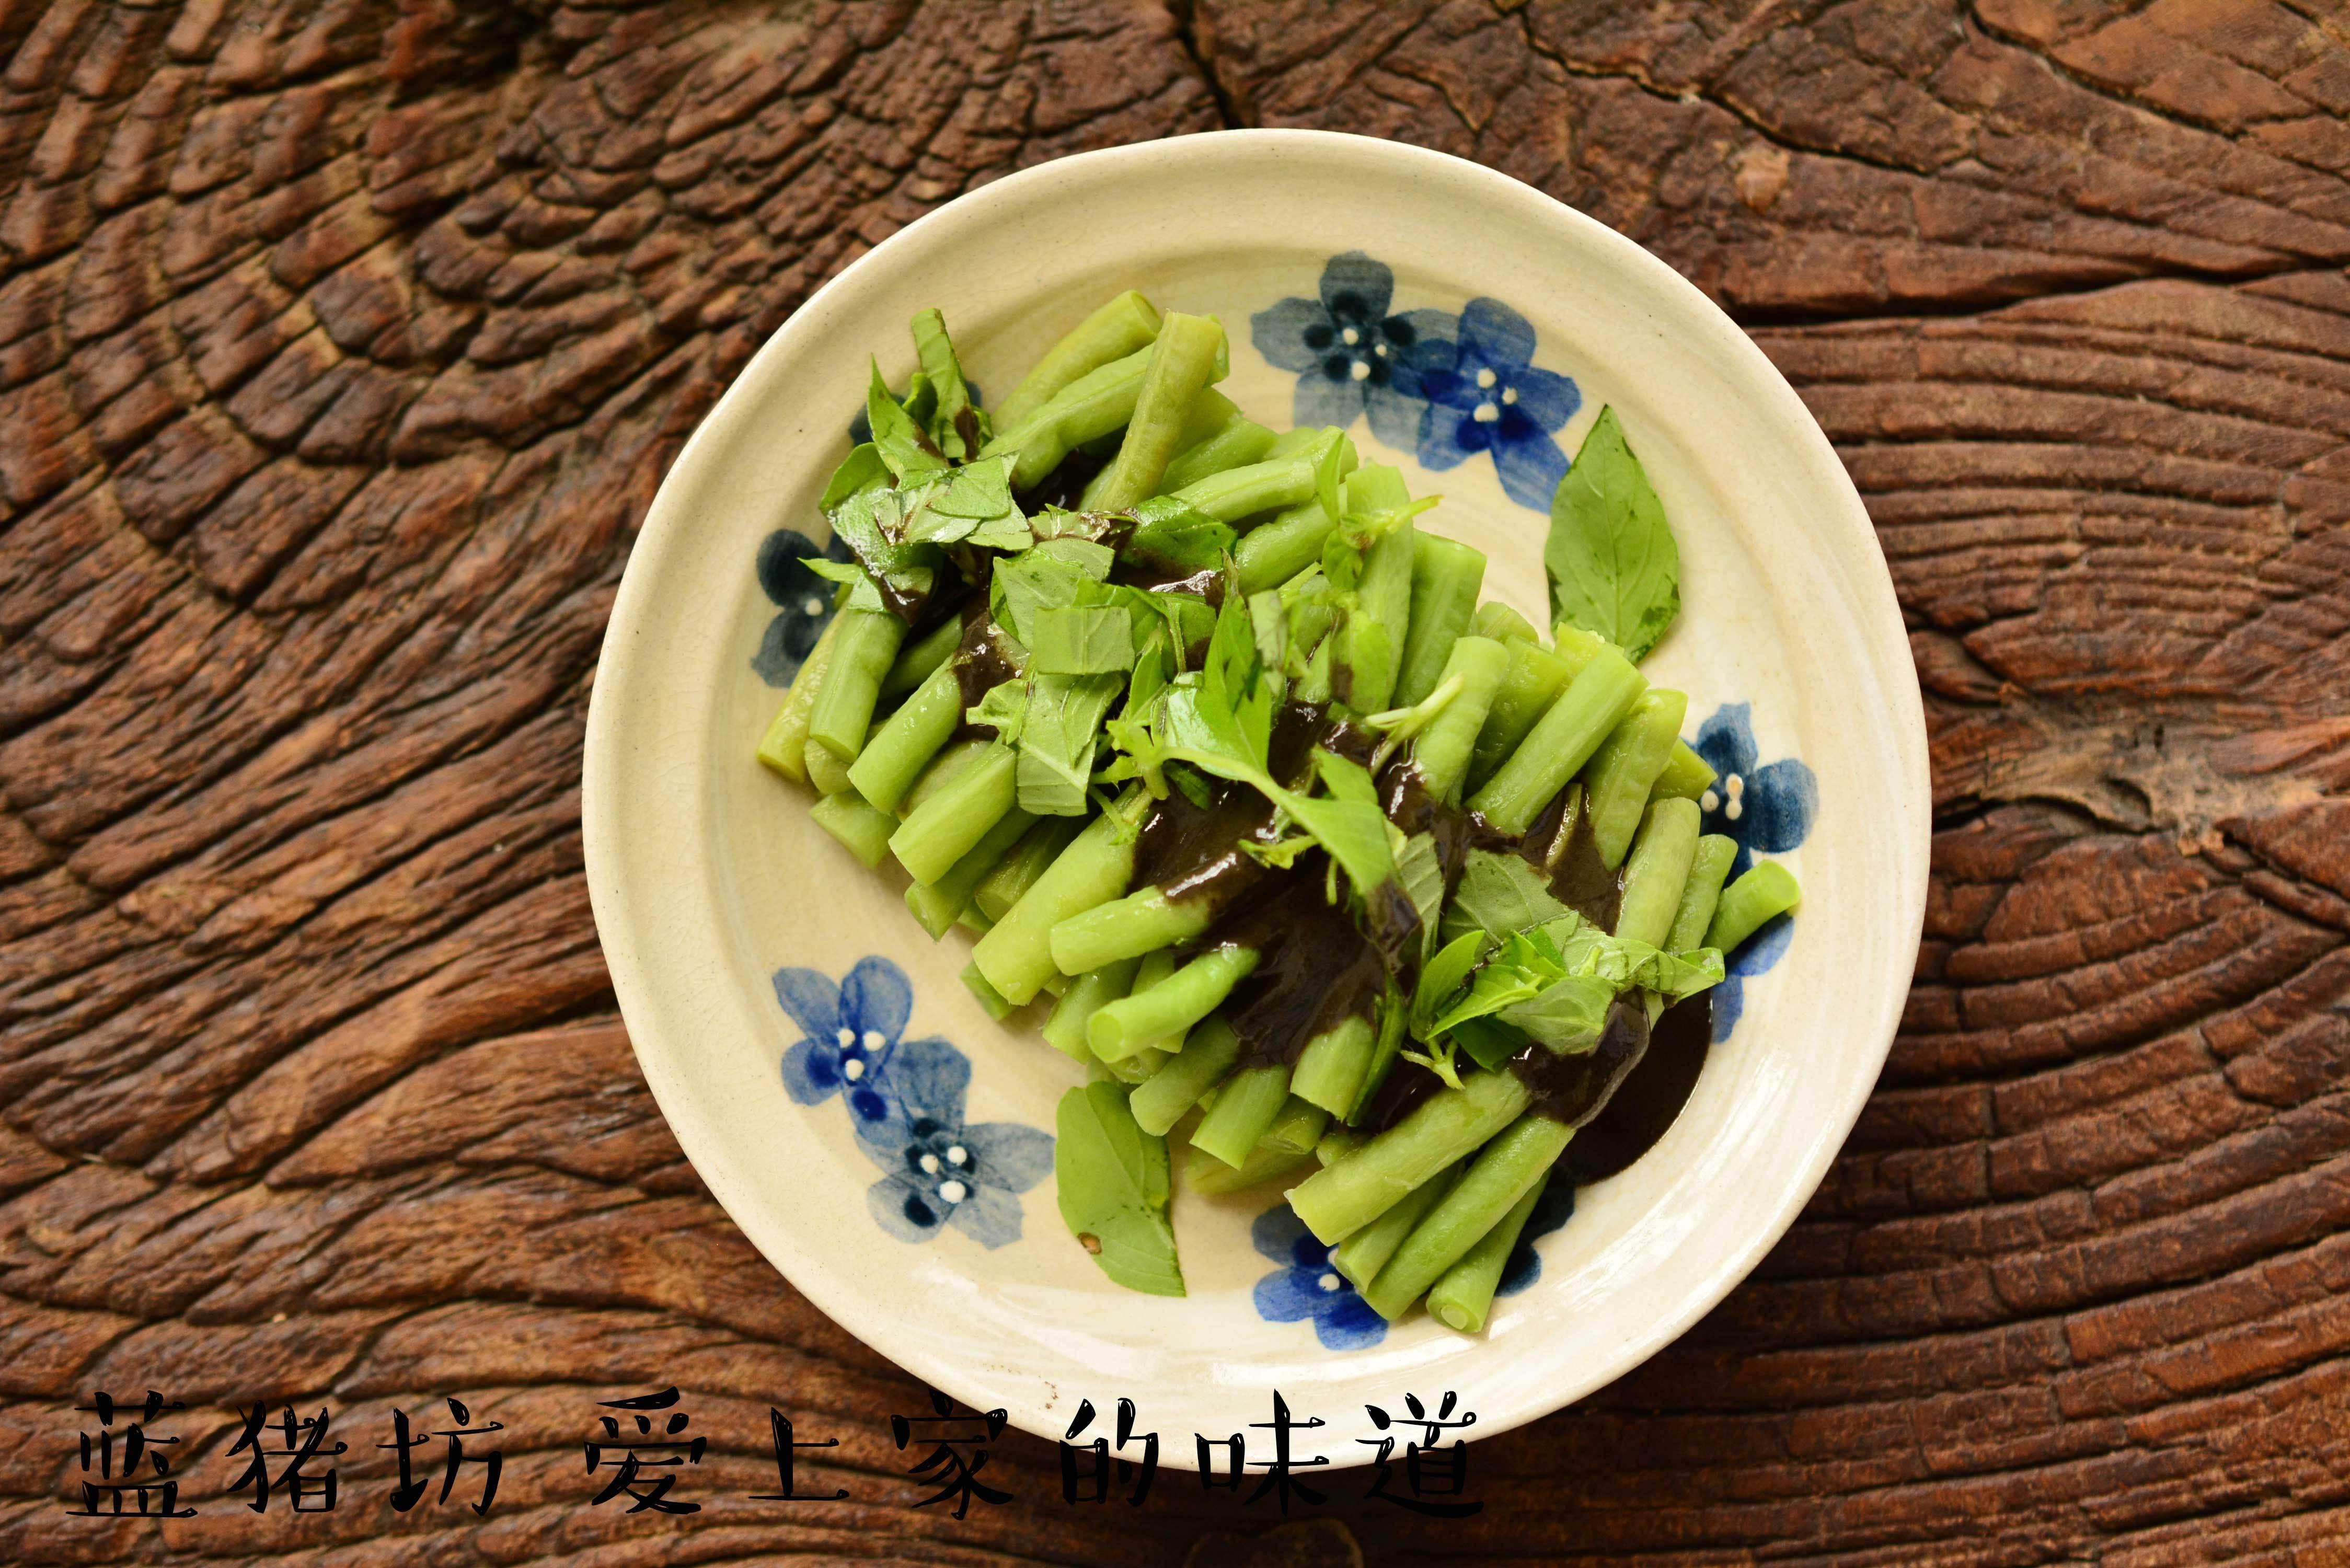 老北京的芝麻酱情结——用它拌尽天下一切 - 蓝冰滢 - 蓝猪坊 创意美食工作室